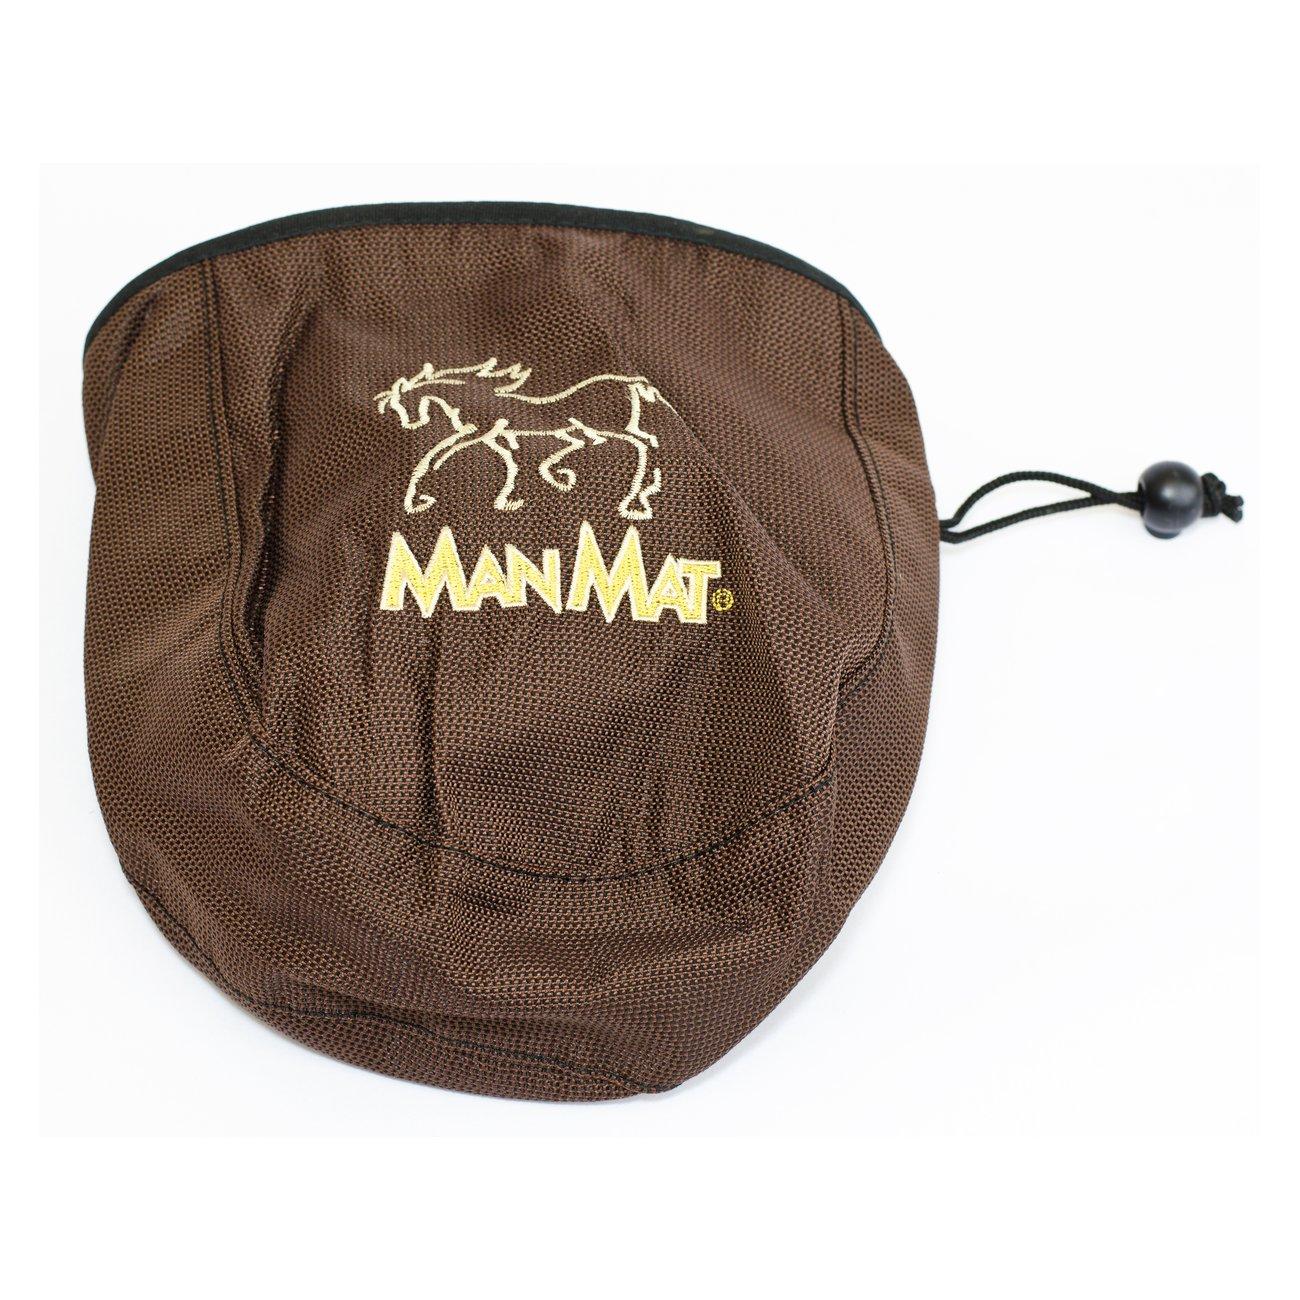 ManMat Nylonový pamlsovník pro koně